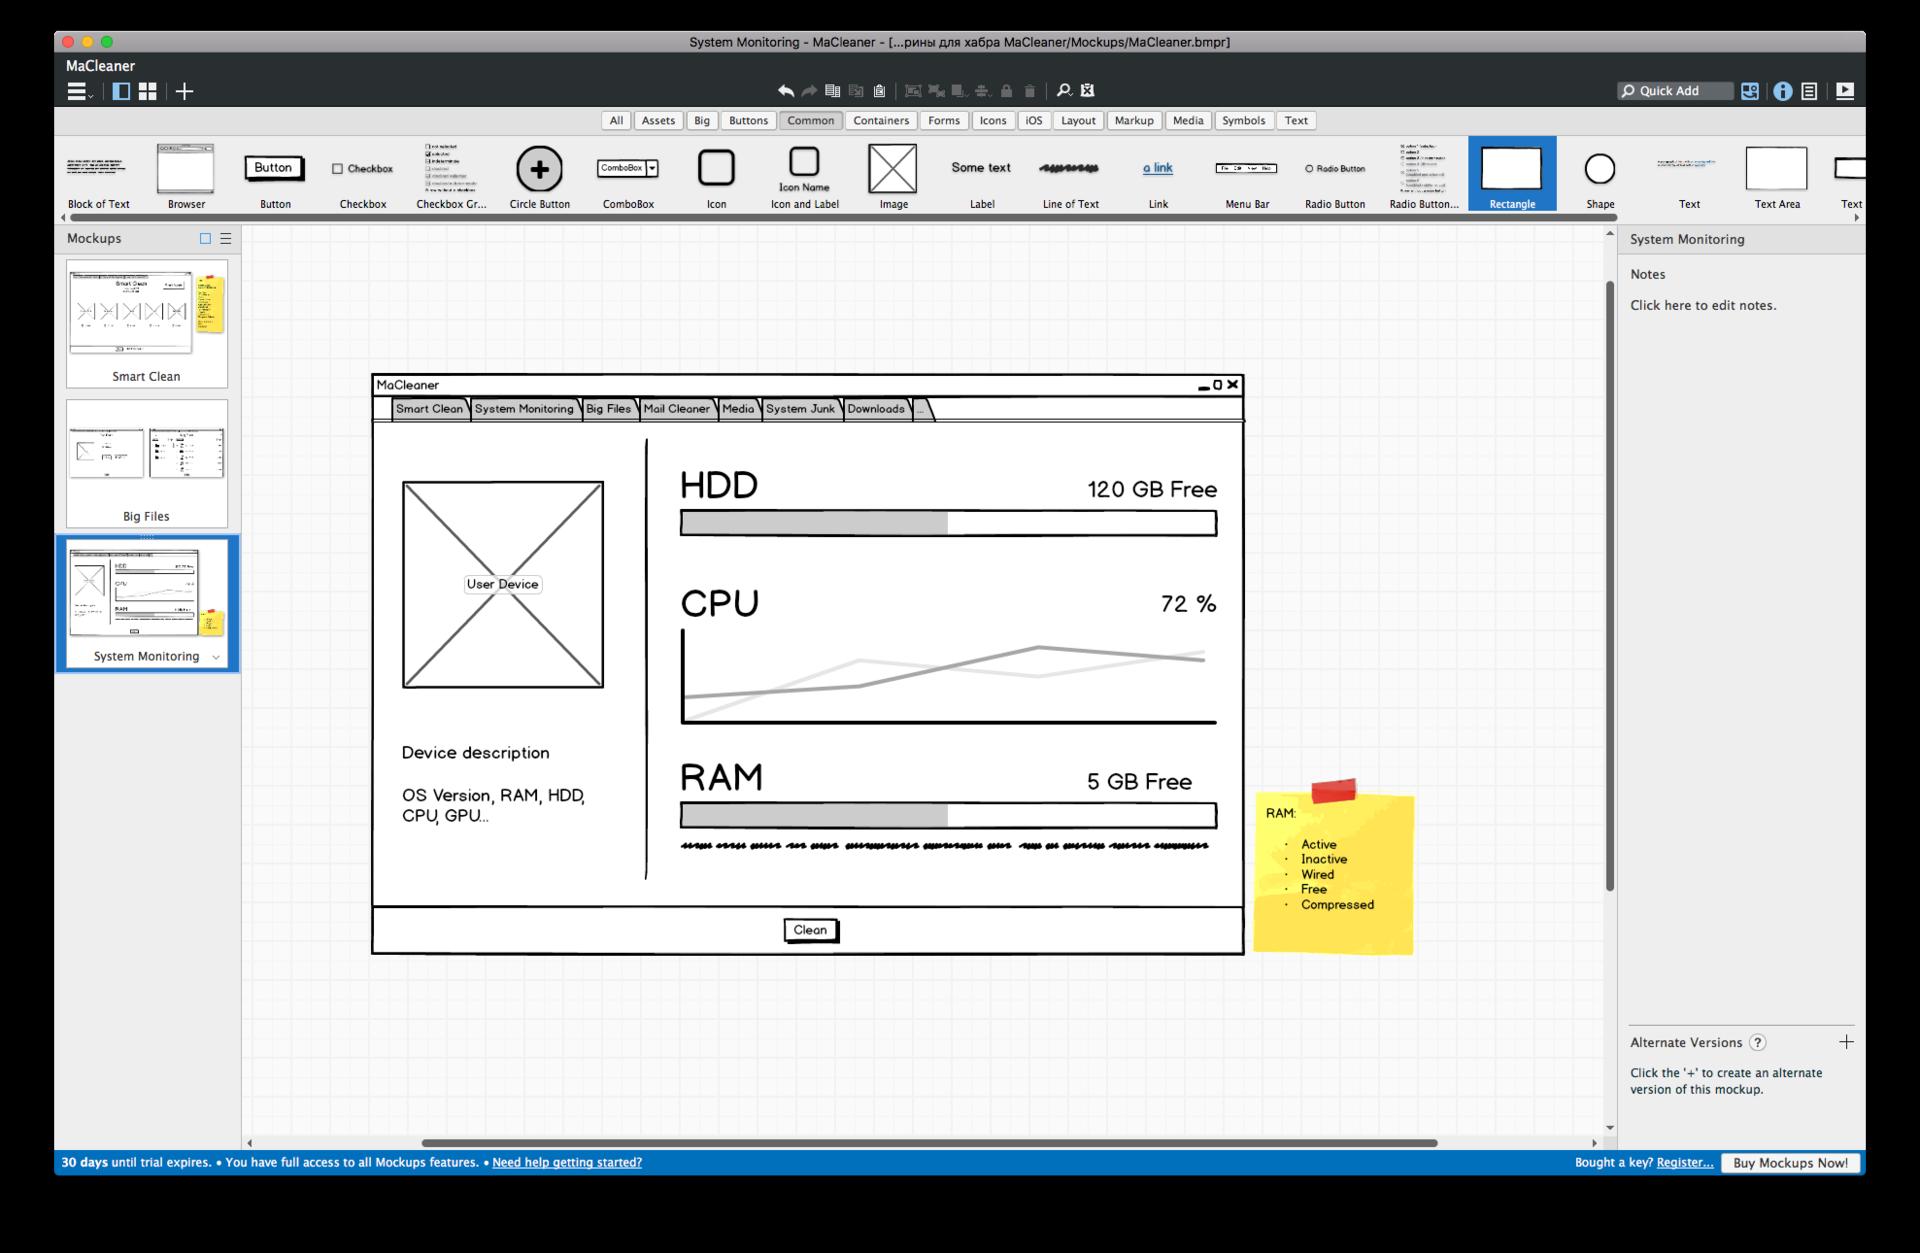 Инструменты для прототипирования на Mac: сопоставительная характеристика - 18